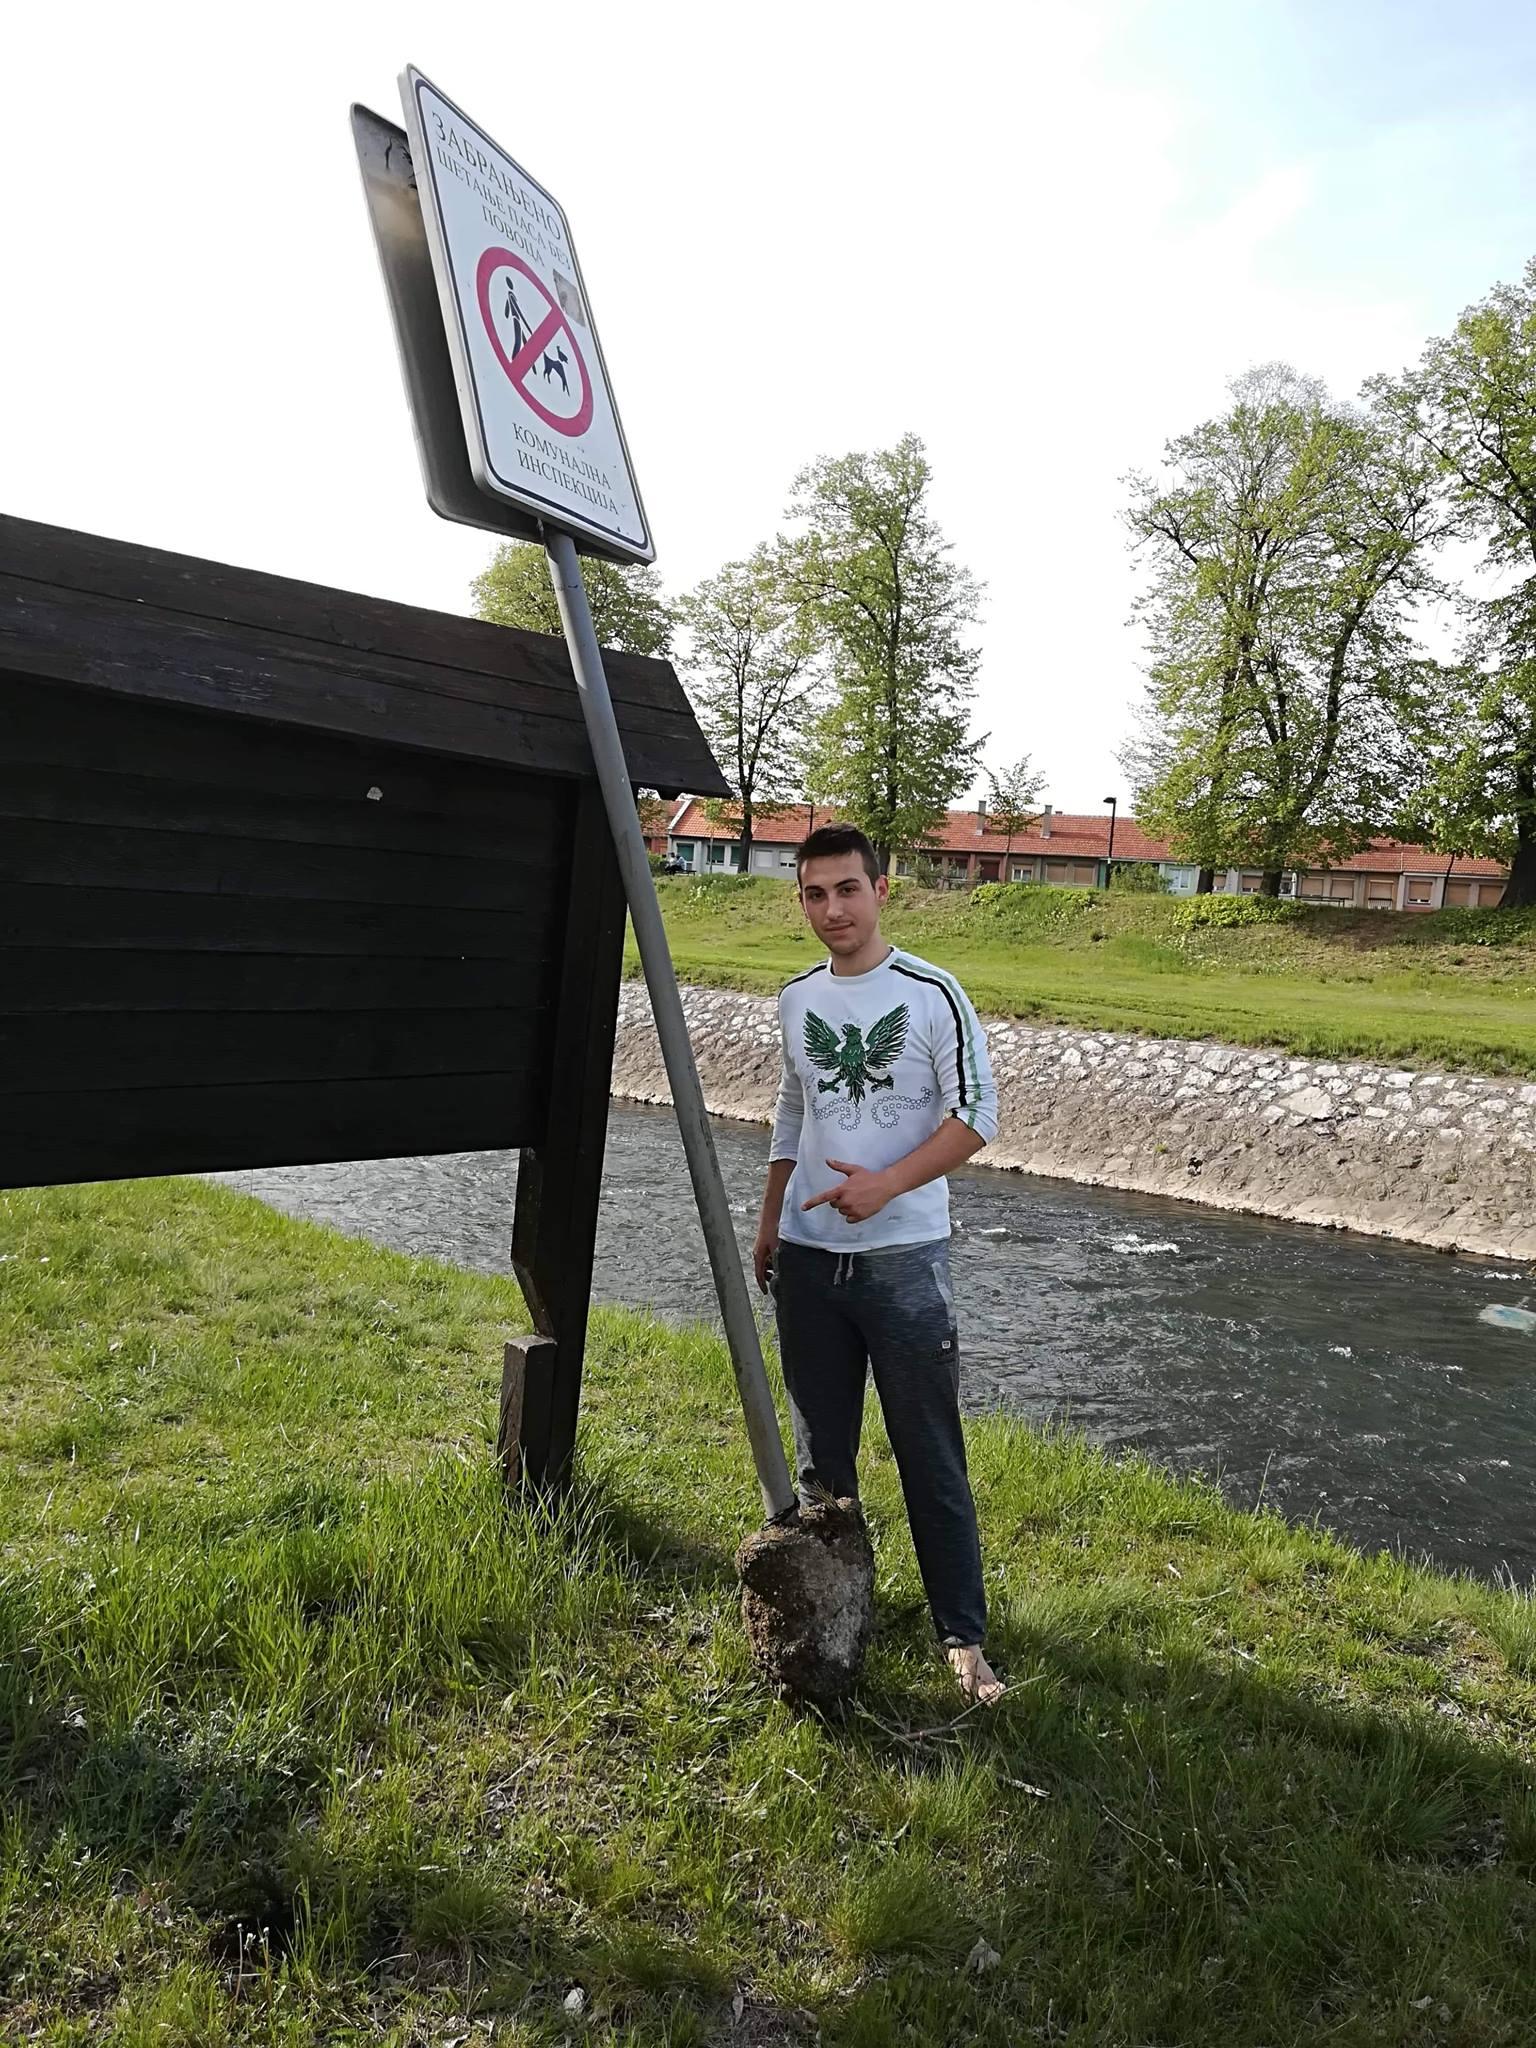 Photo of Grad odao priznanje našim sugrađanima koji su dali model za borbu protiv vandala. Na zlo odgovoriti dobrim, poručili Mirjana i Nikola